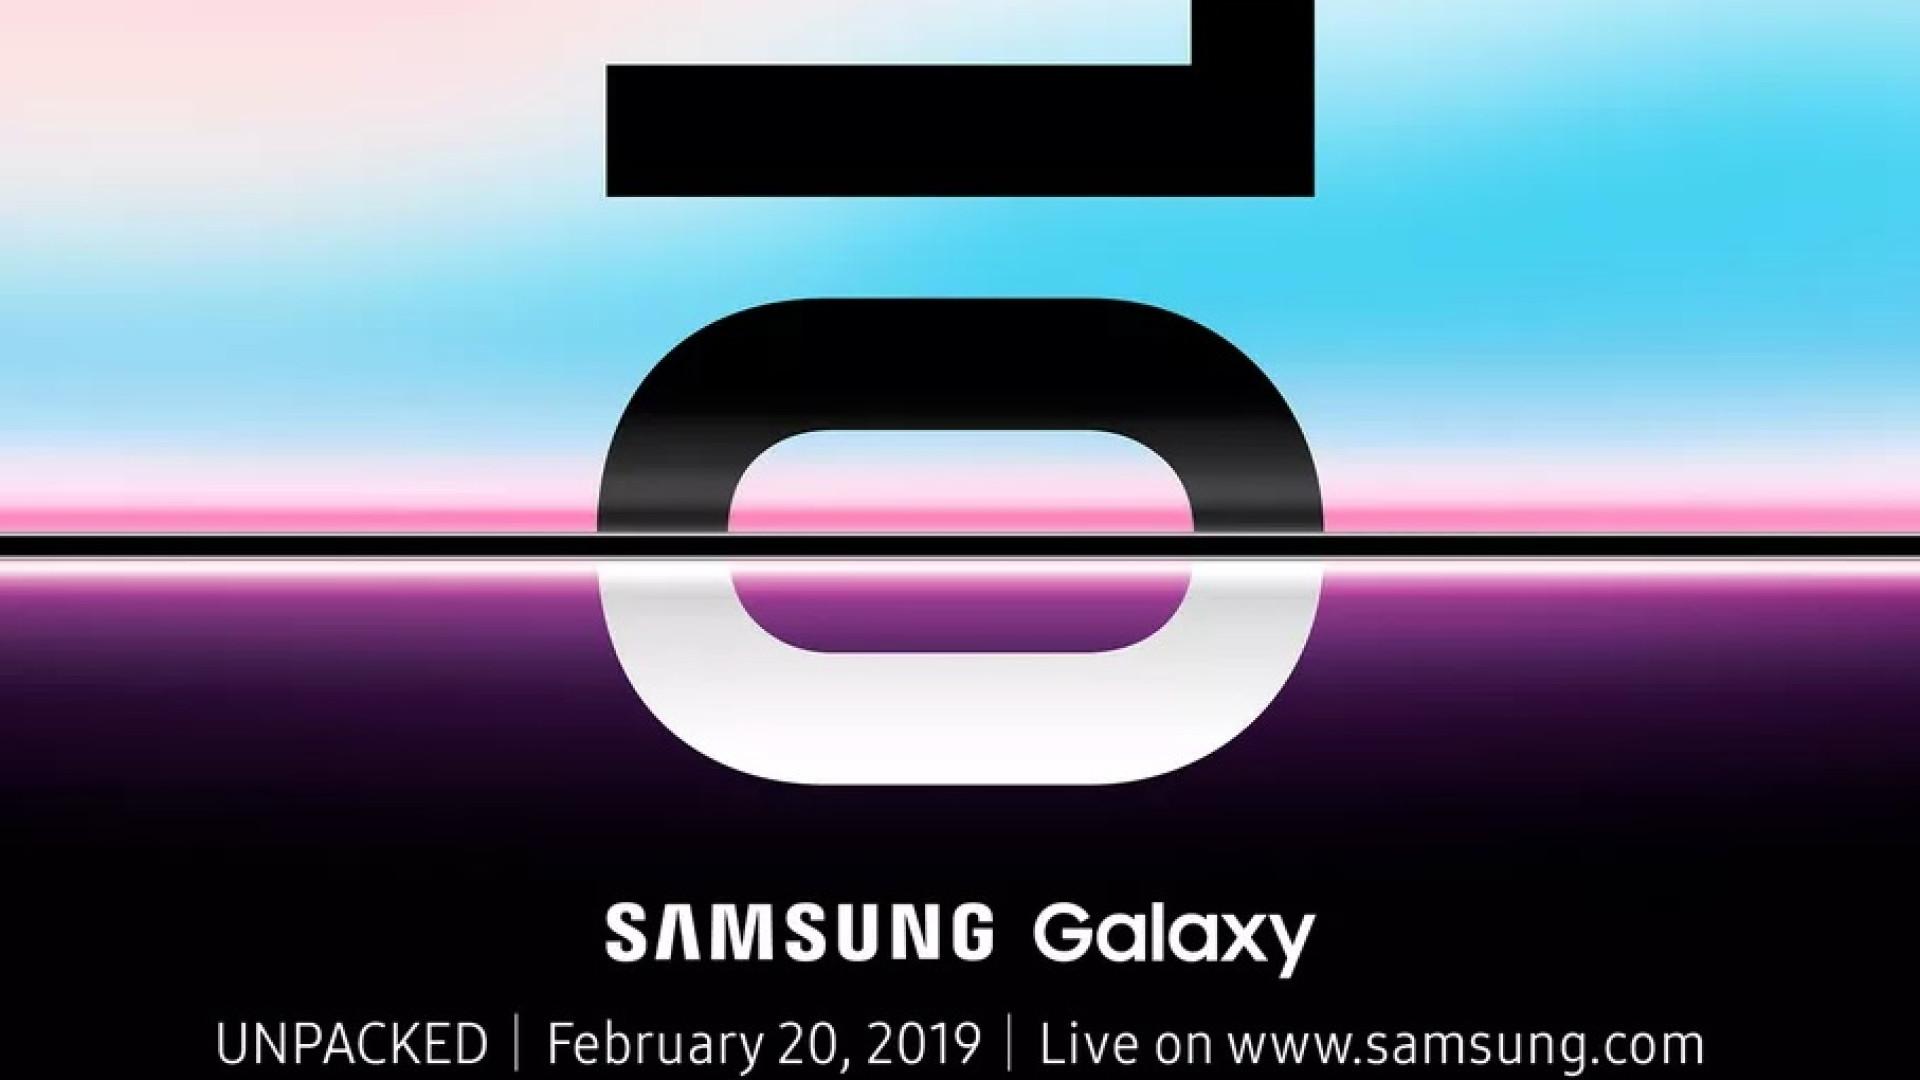 Revelados preços dos Galaxy S10. Está preparado?